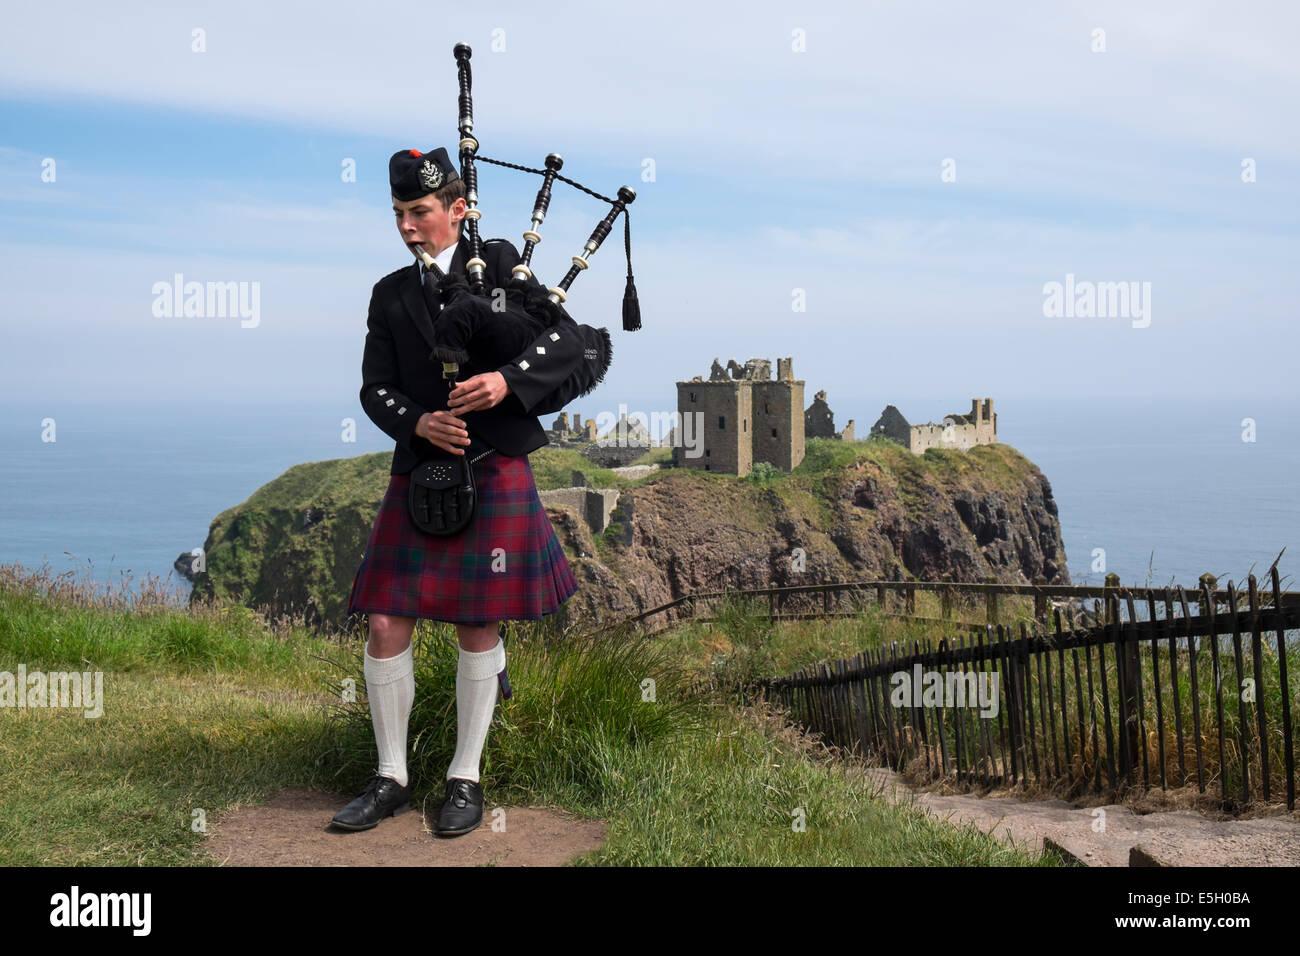 Piper spielen Rohre in traditionellen schottischen Kilt Dunnottar Castle in Aberdeenshire Scotland UK Stockbild